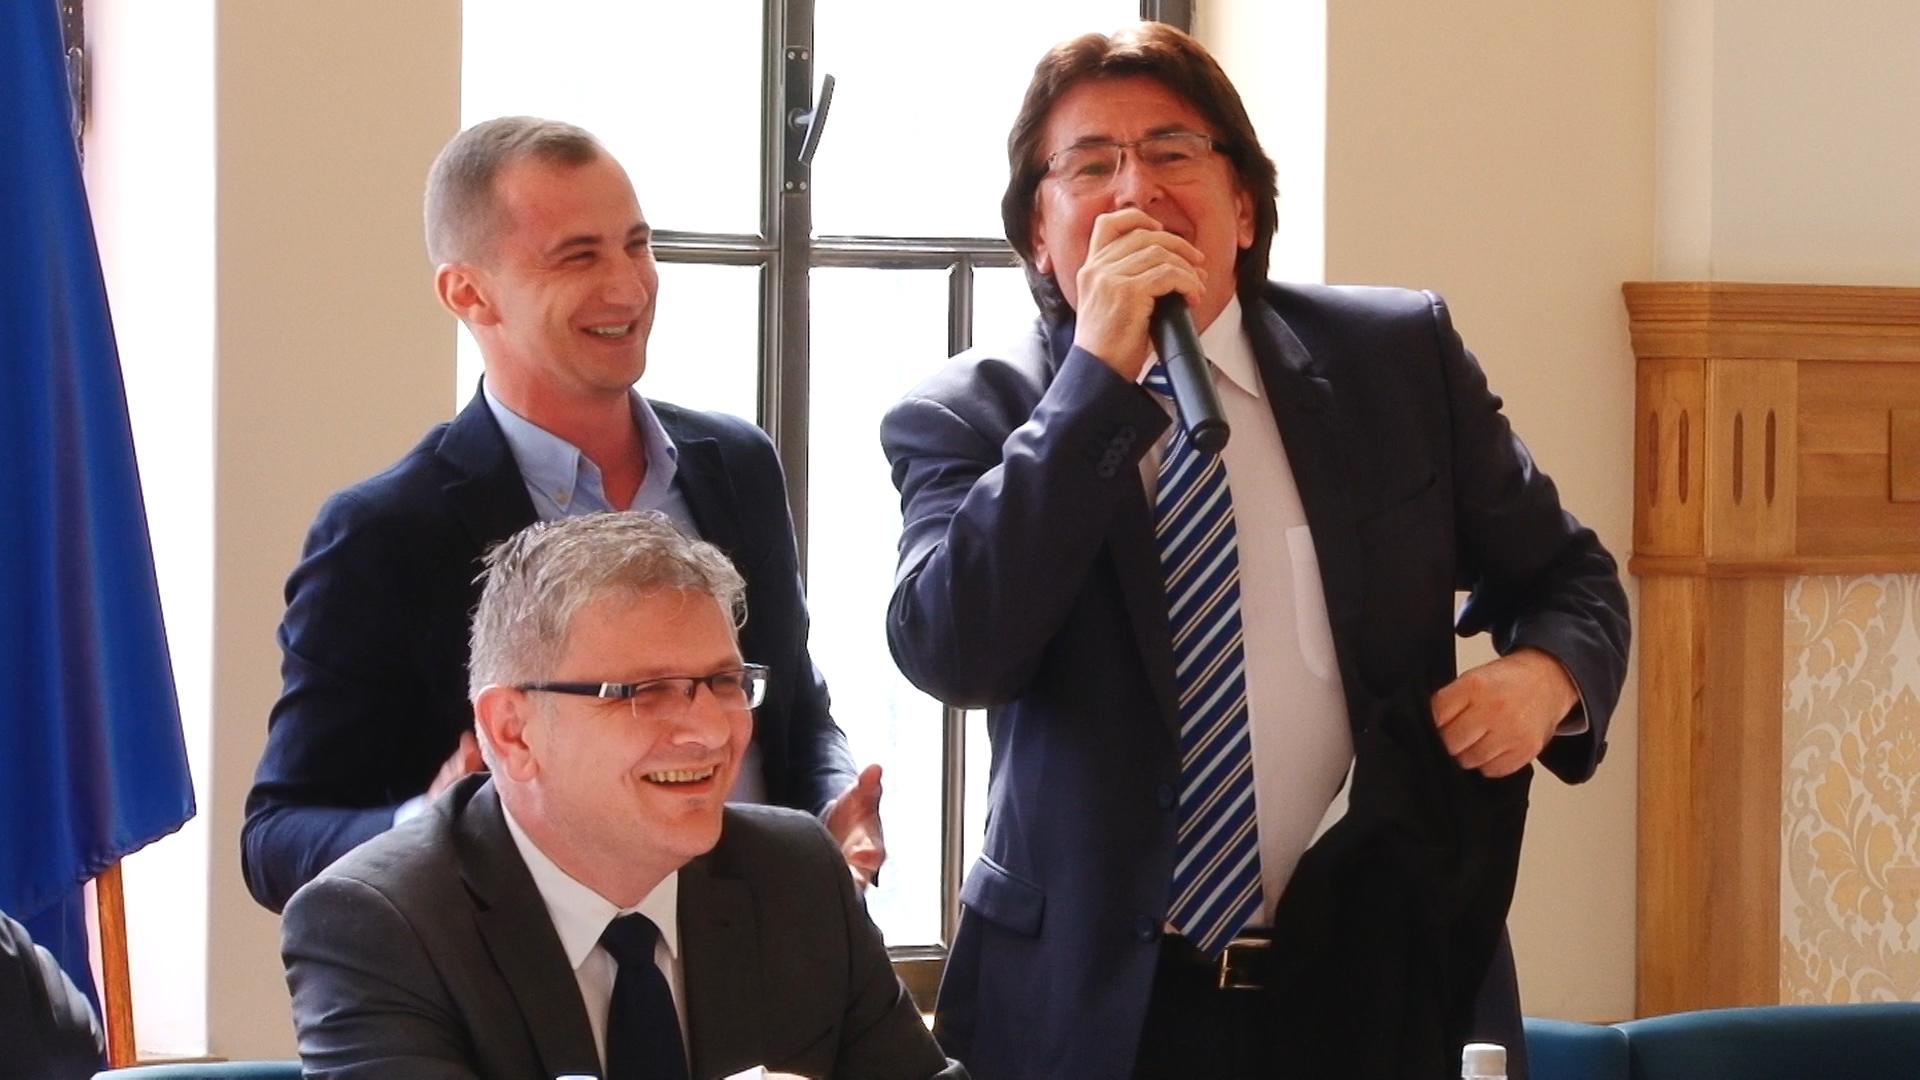 Primarul Robu şi consilierul Simonis, dispută pe… anchetatul Popoviciu.Still008